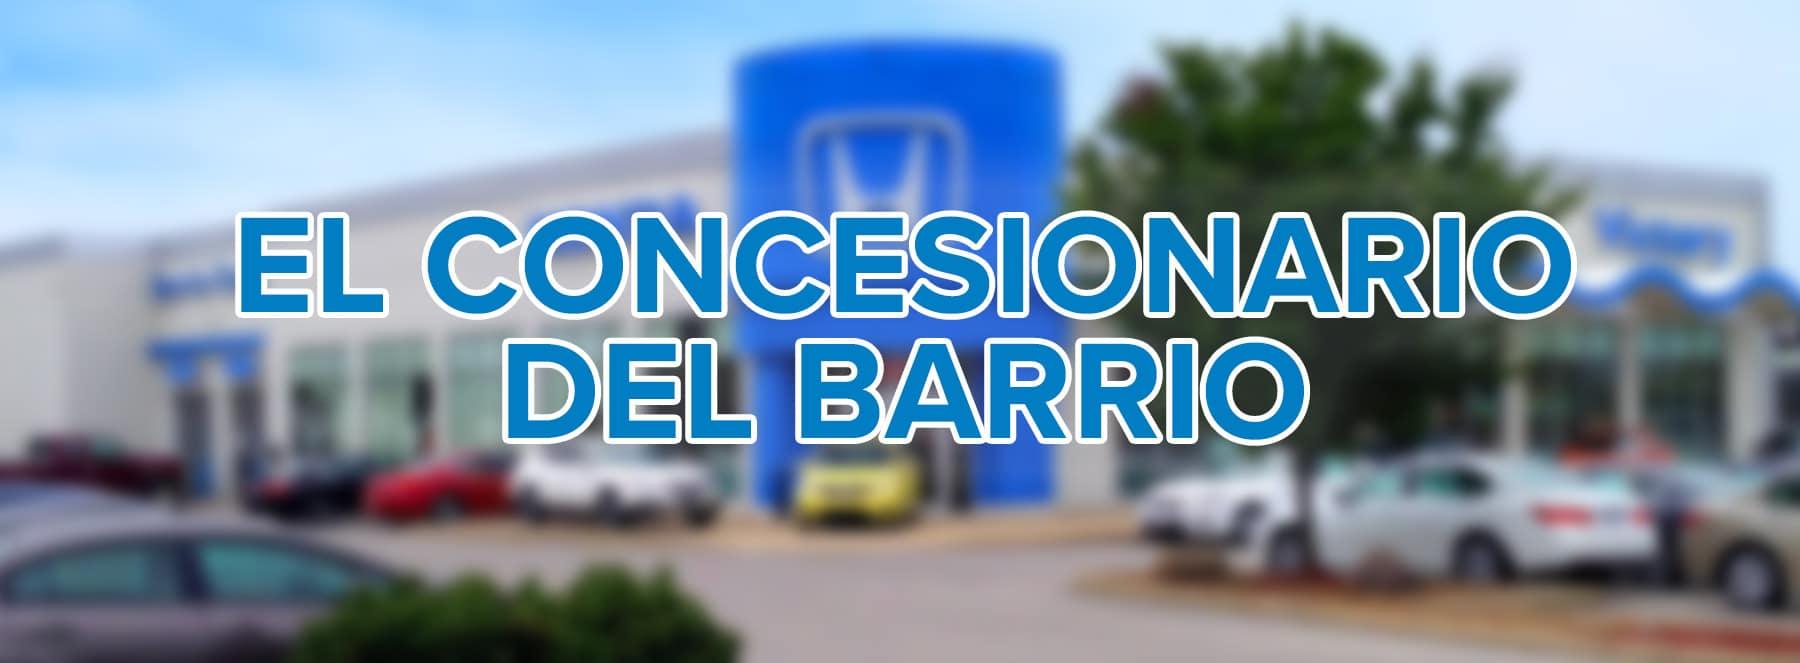 El Concesionario Del Barrio